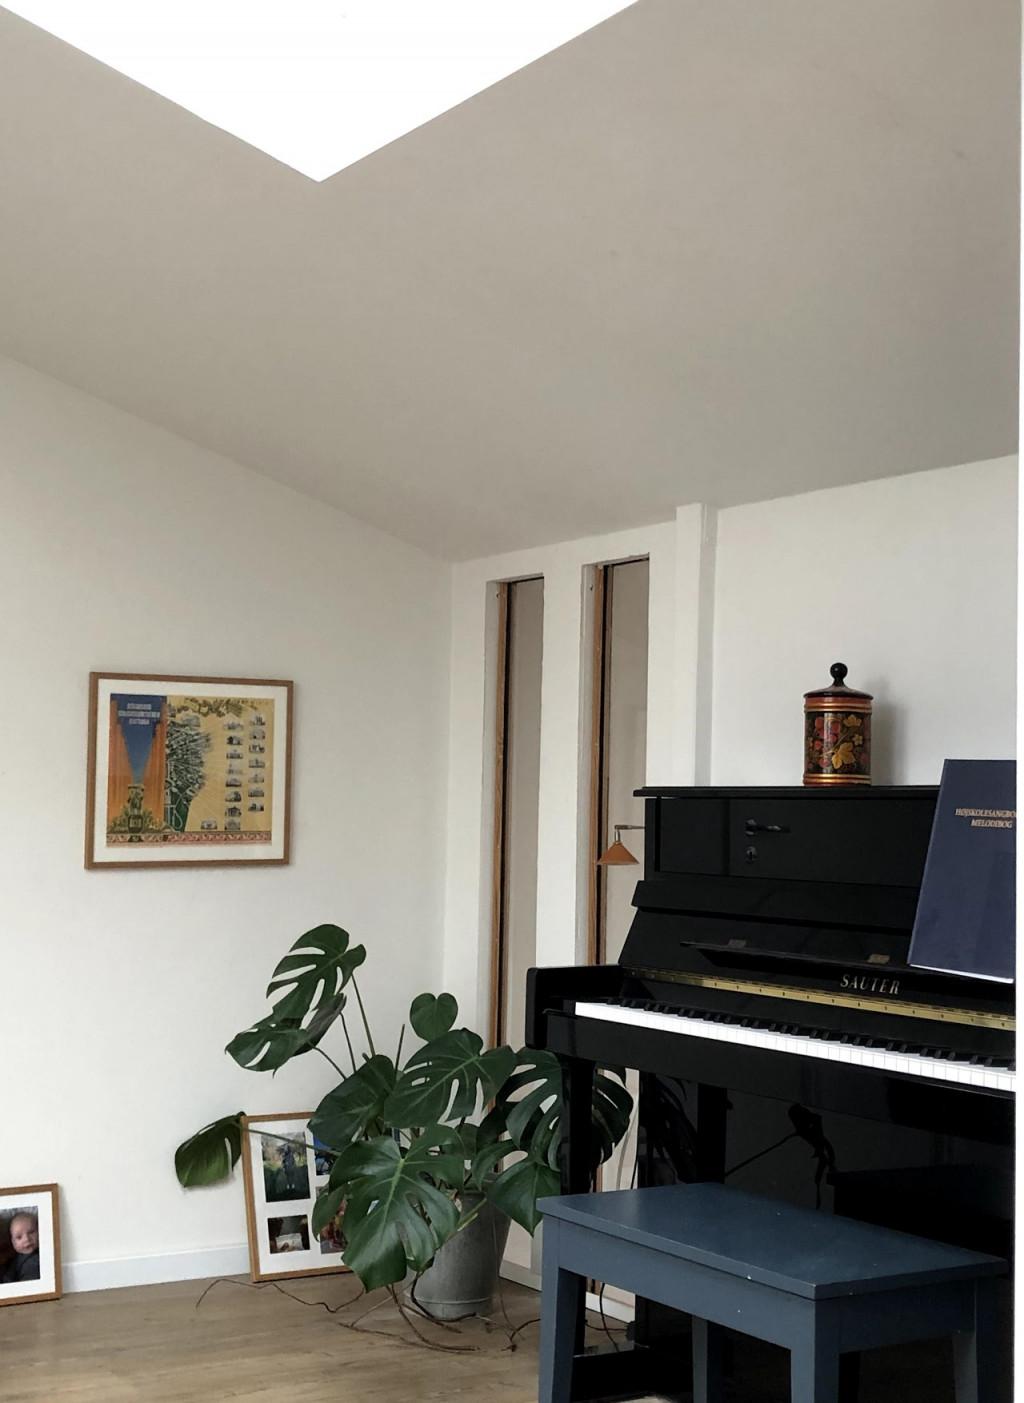 4-5 værelser i Roskildes bedste bofællesskab - AF1QipNFQOl75qLD3oeb6SA4ybPXksM8aXcfyAe4f0Azw3024-h4032_d0354c4b8d09f22fc4a764c23e327f9d